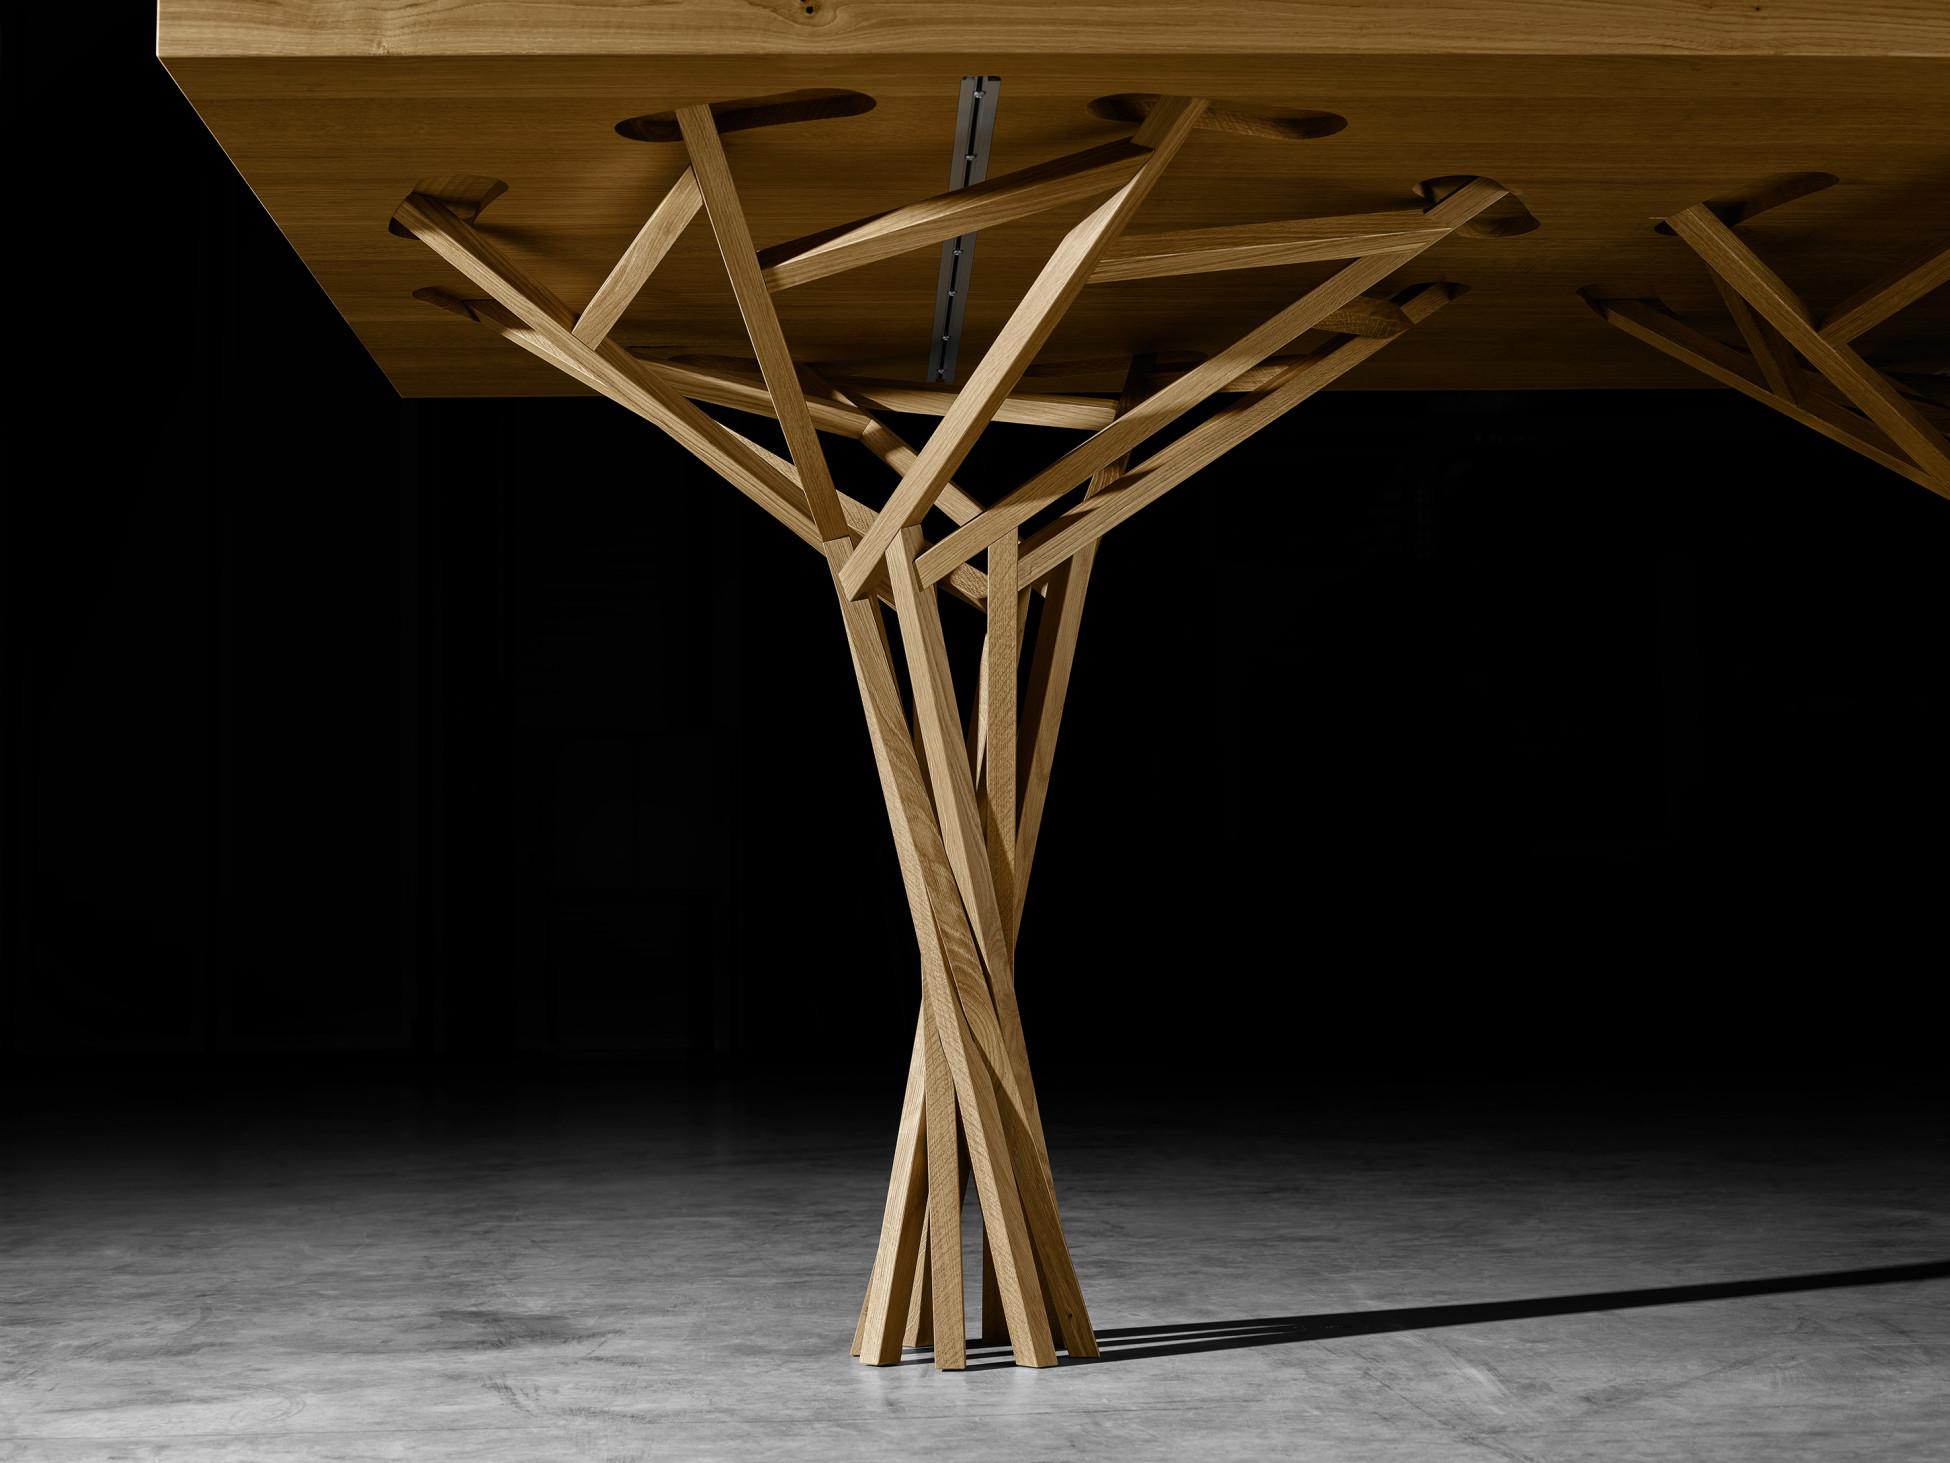 Unterseite eines Holztisches mit filigranem Holzbein parametrisch designet